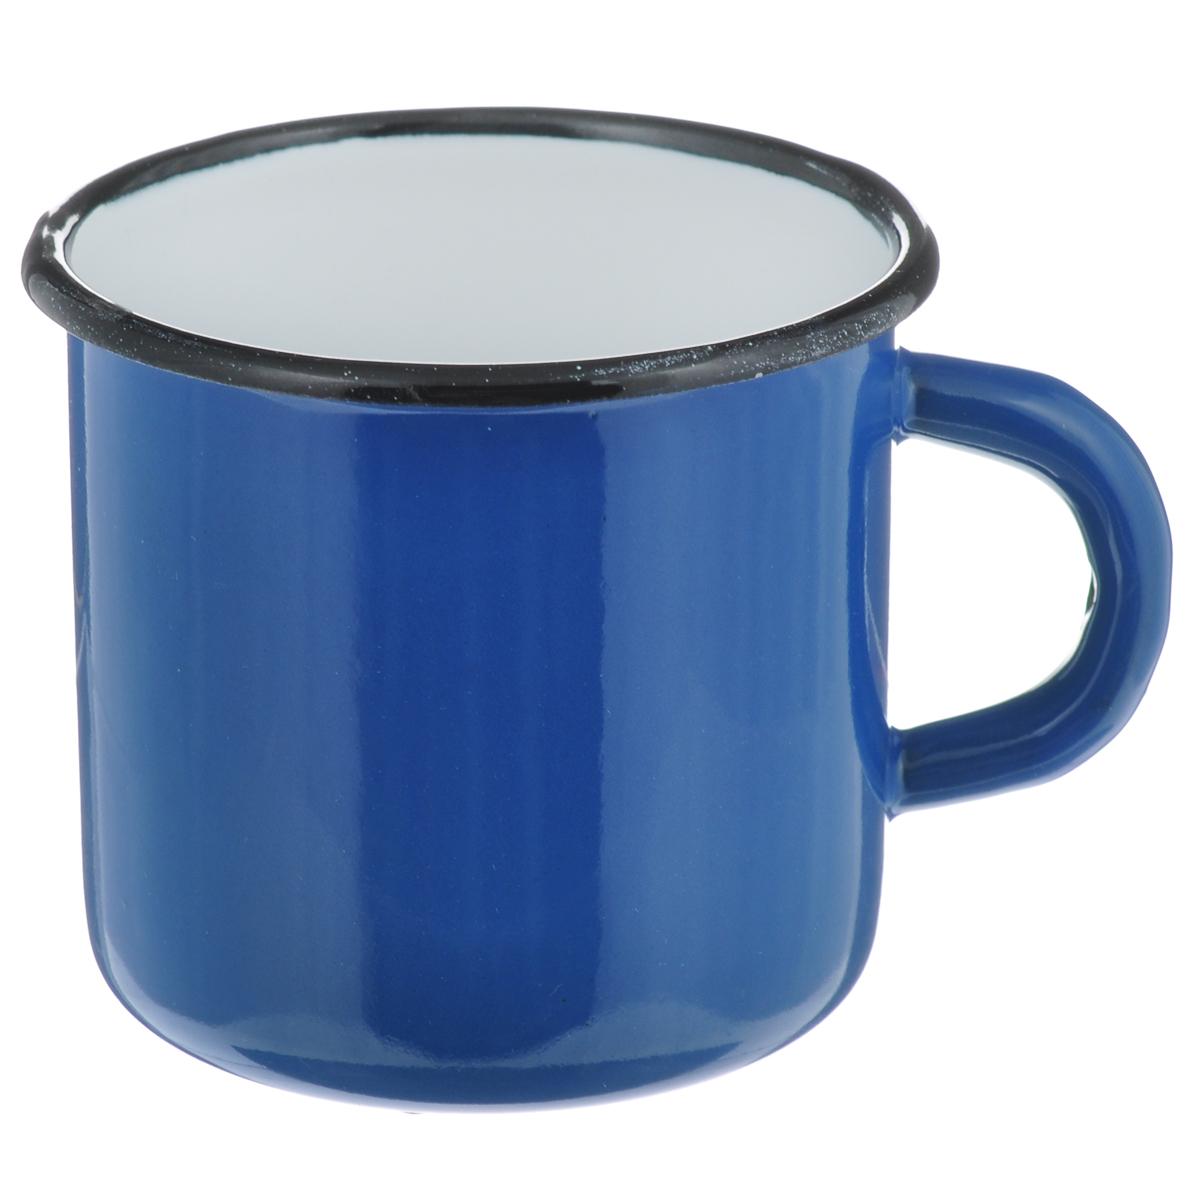 Кружка СтальЭмаль, цвет: синий, белый, 400 мл